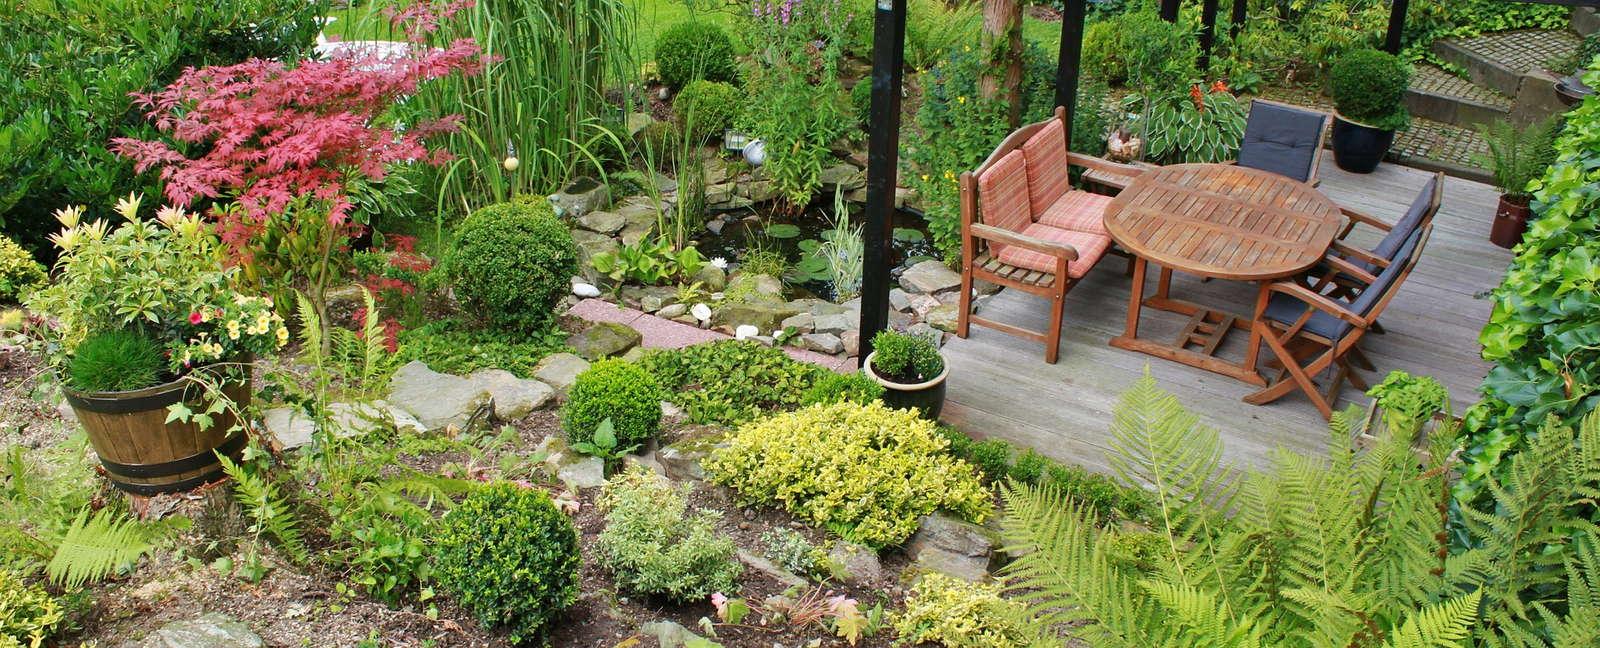 Gartengestaltung Terrasse Gartenmöbel Pflanzen